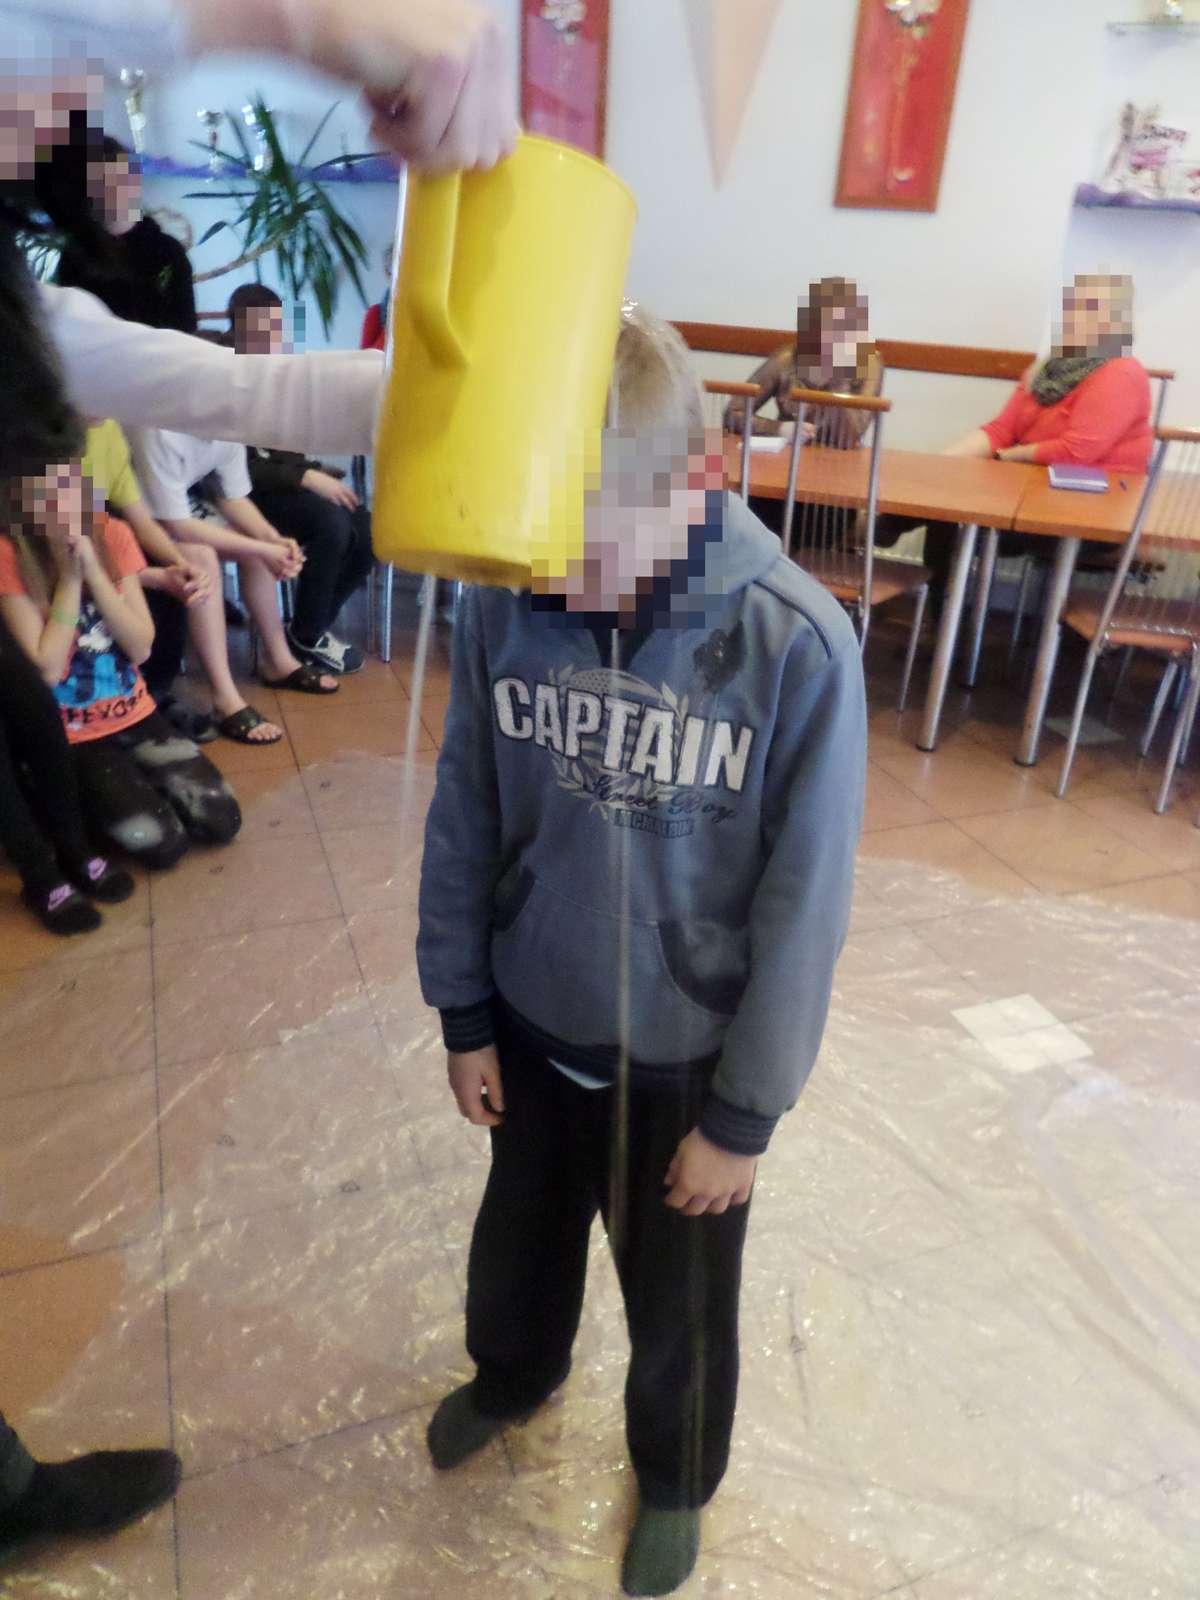 Na ujawnione wtedy informacje władze ośrodka odpowiadały, że była to tylko forma zabawy. Co innego jednak mówiły dzieci.